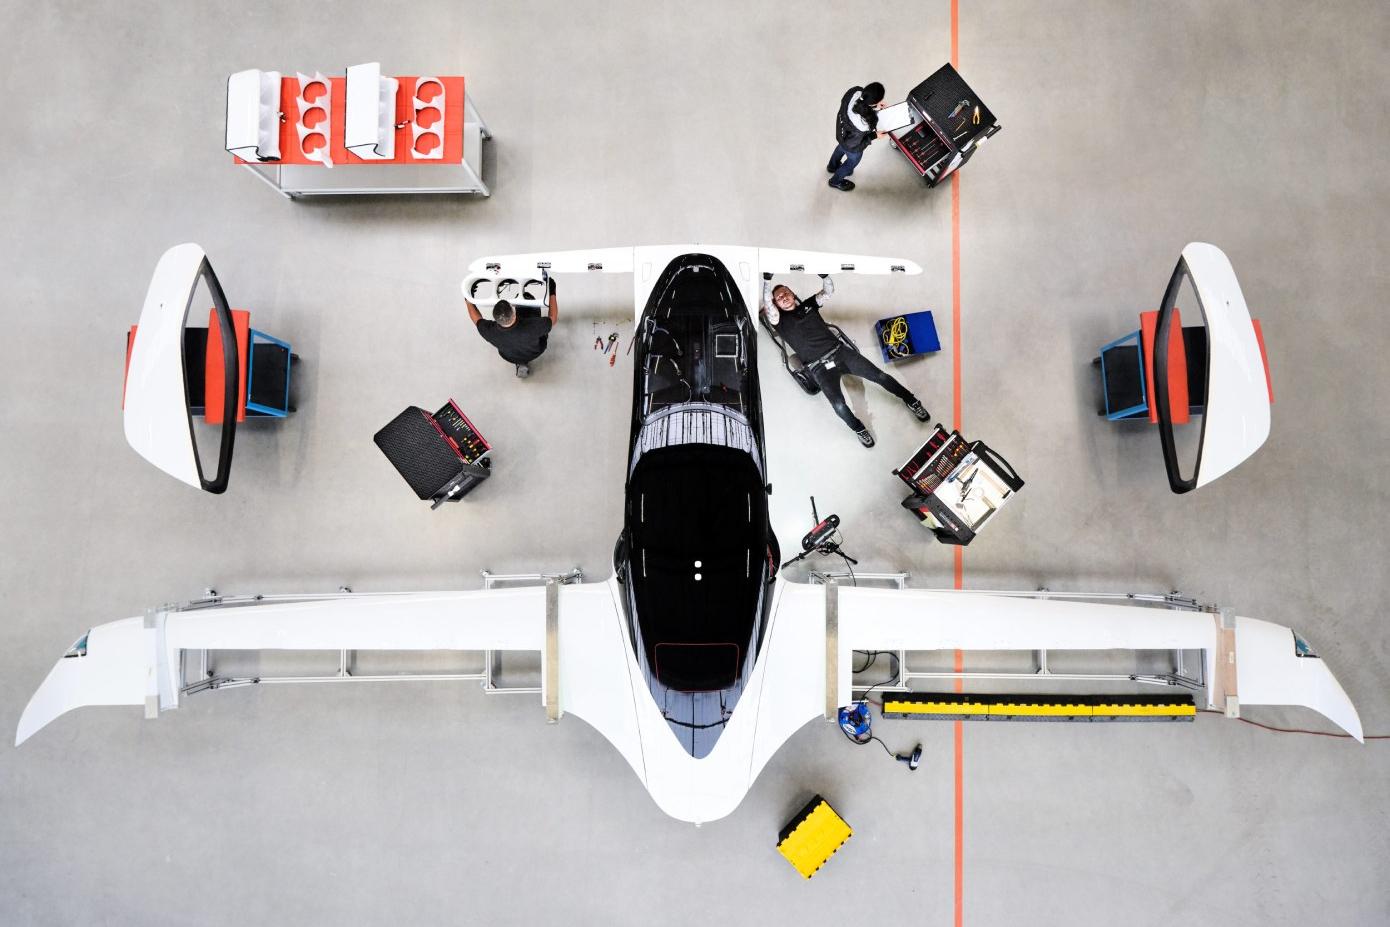 La start-up allemande Lilium veut commercialiser son taxi-volant d'ici 2025